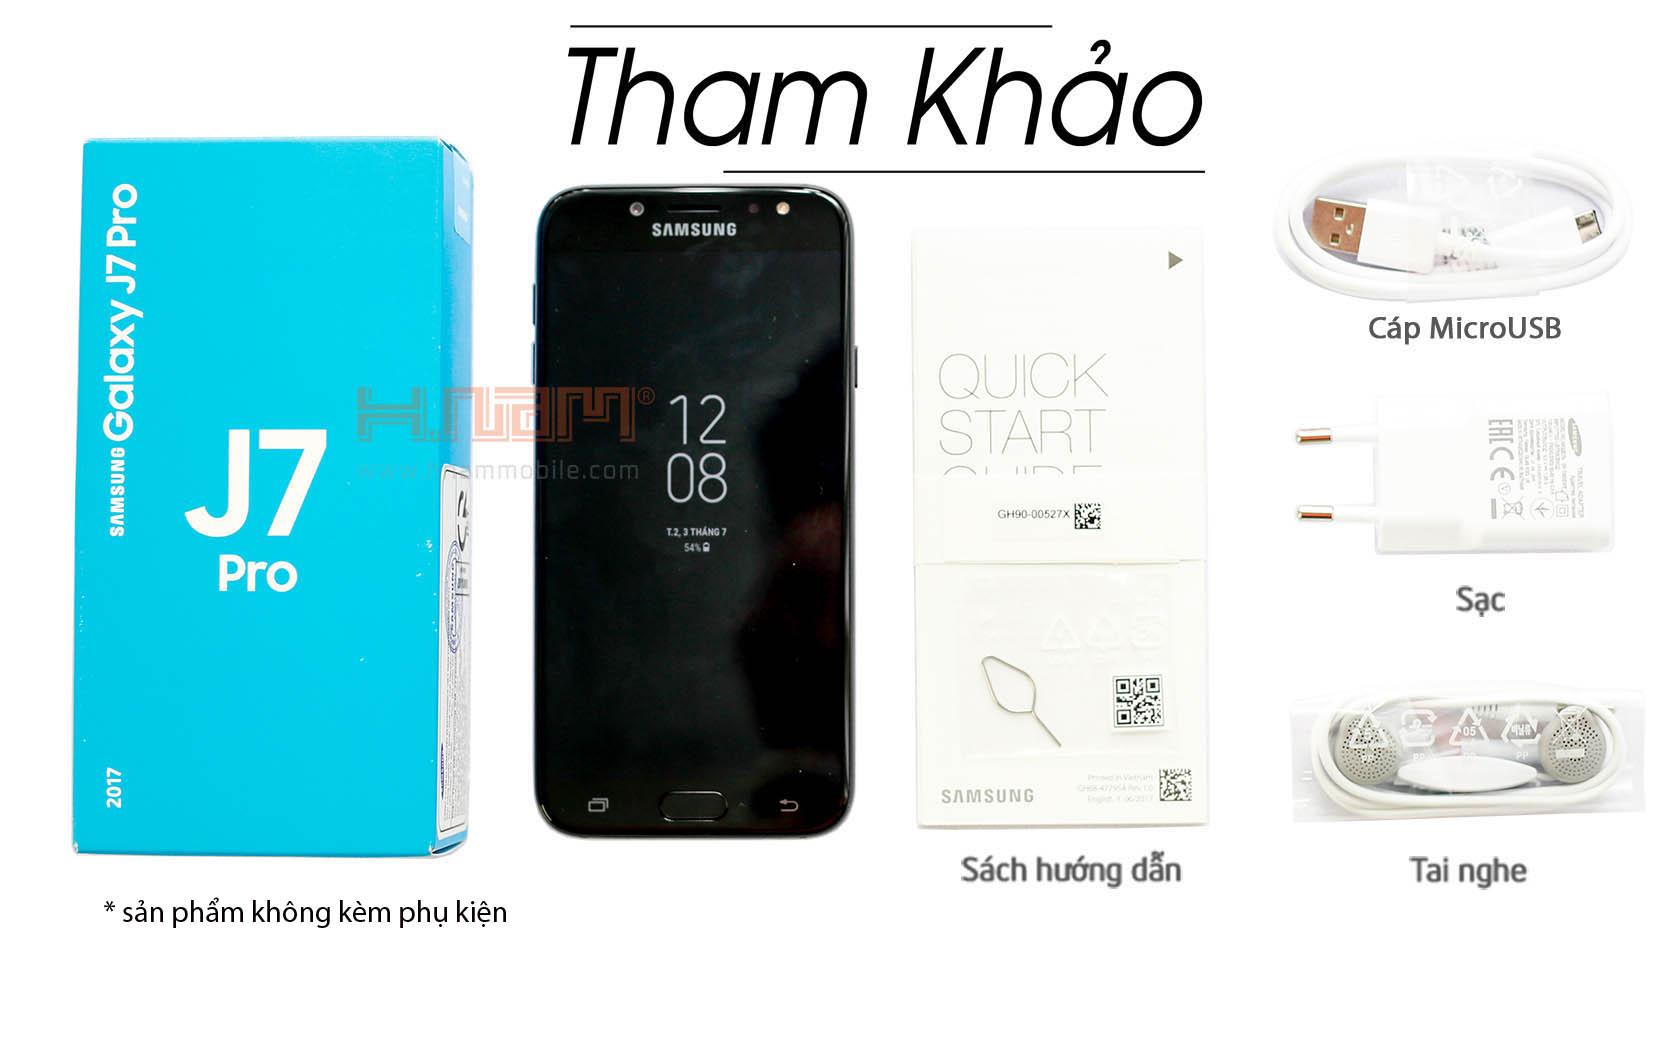 Samsung Galaxy J7 Pro hình sản phẩm 0